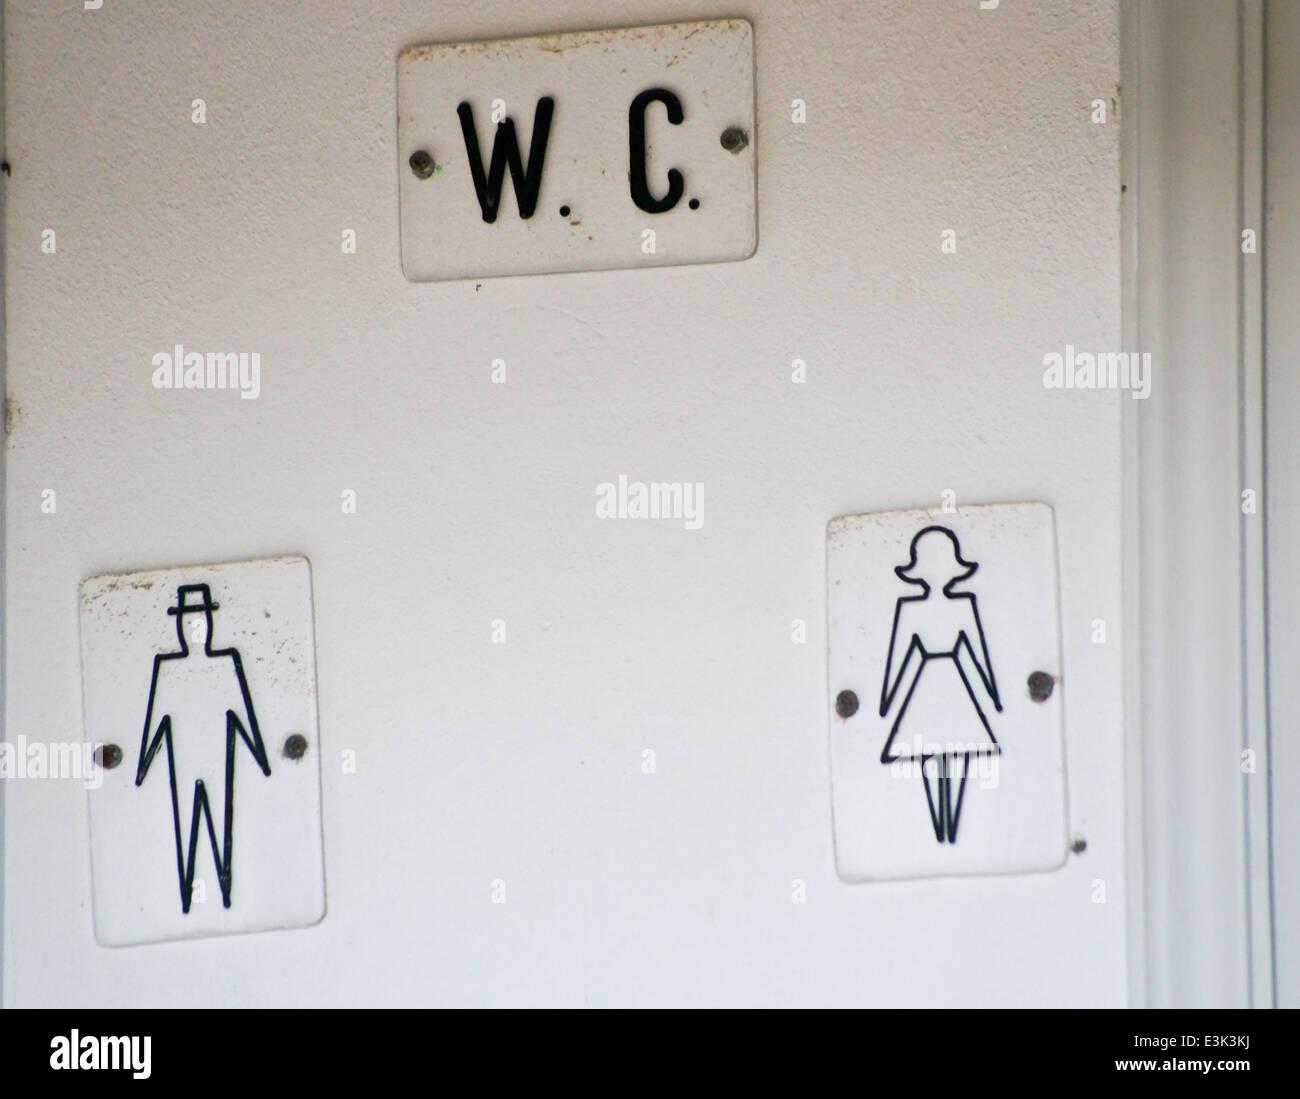 toilet-sign-with-diagrams-of-man-and-woman-kos-town-kos-greece-E3K3KJ.jpg